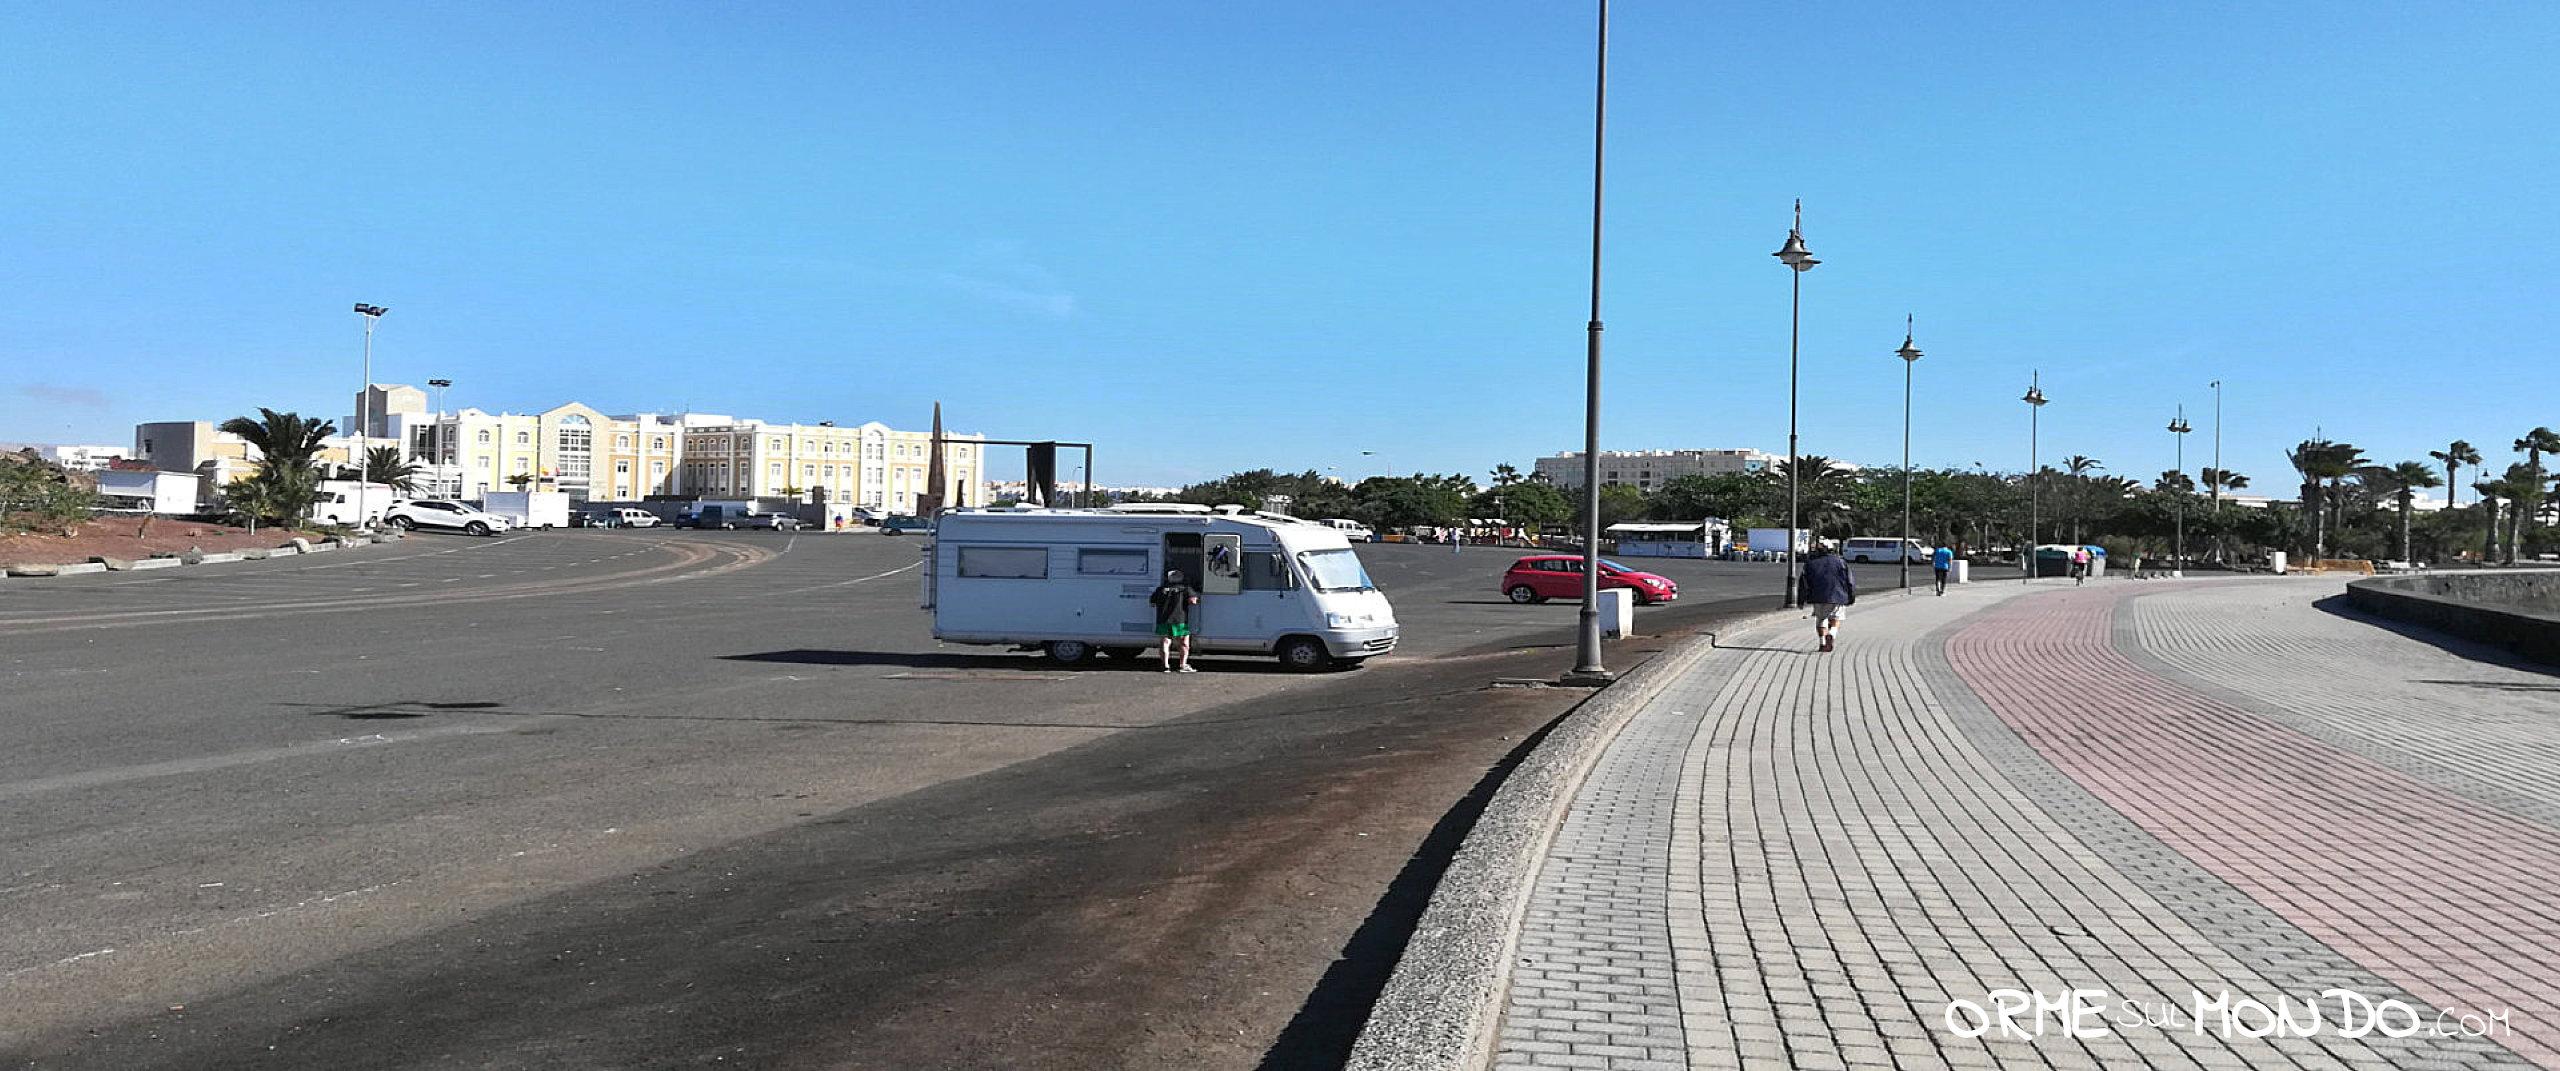 parcheggio del Recinto Ferial di Arrecife